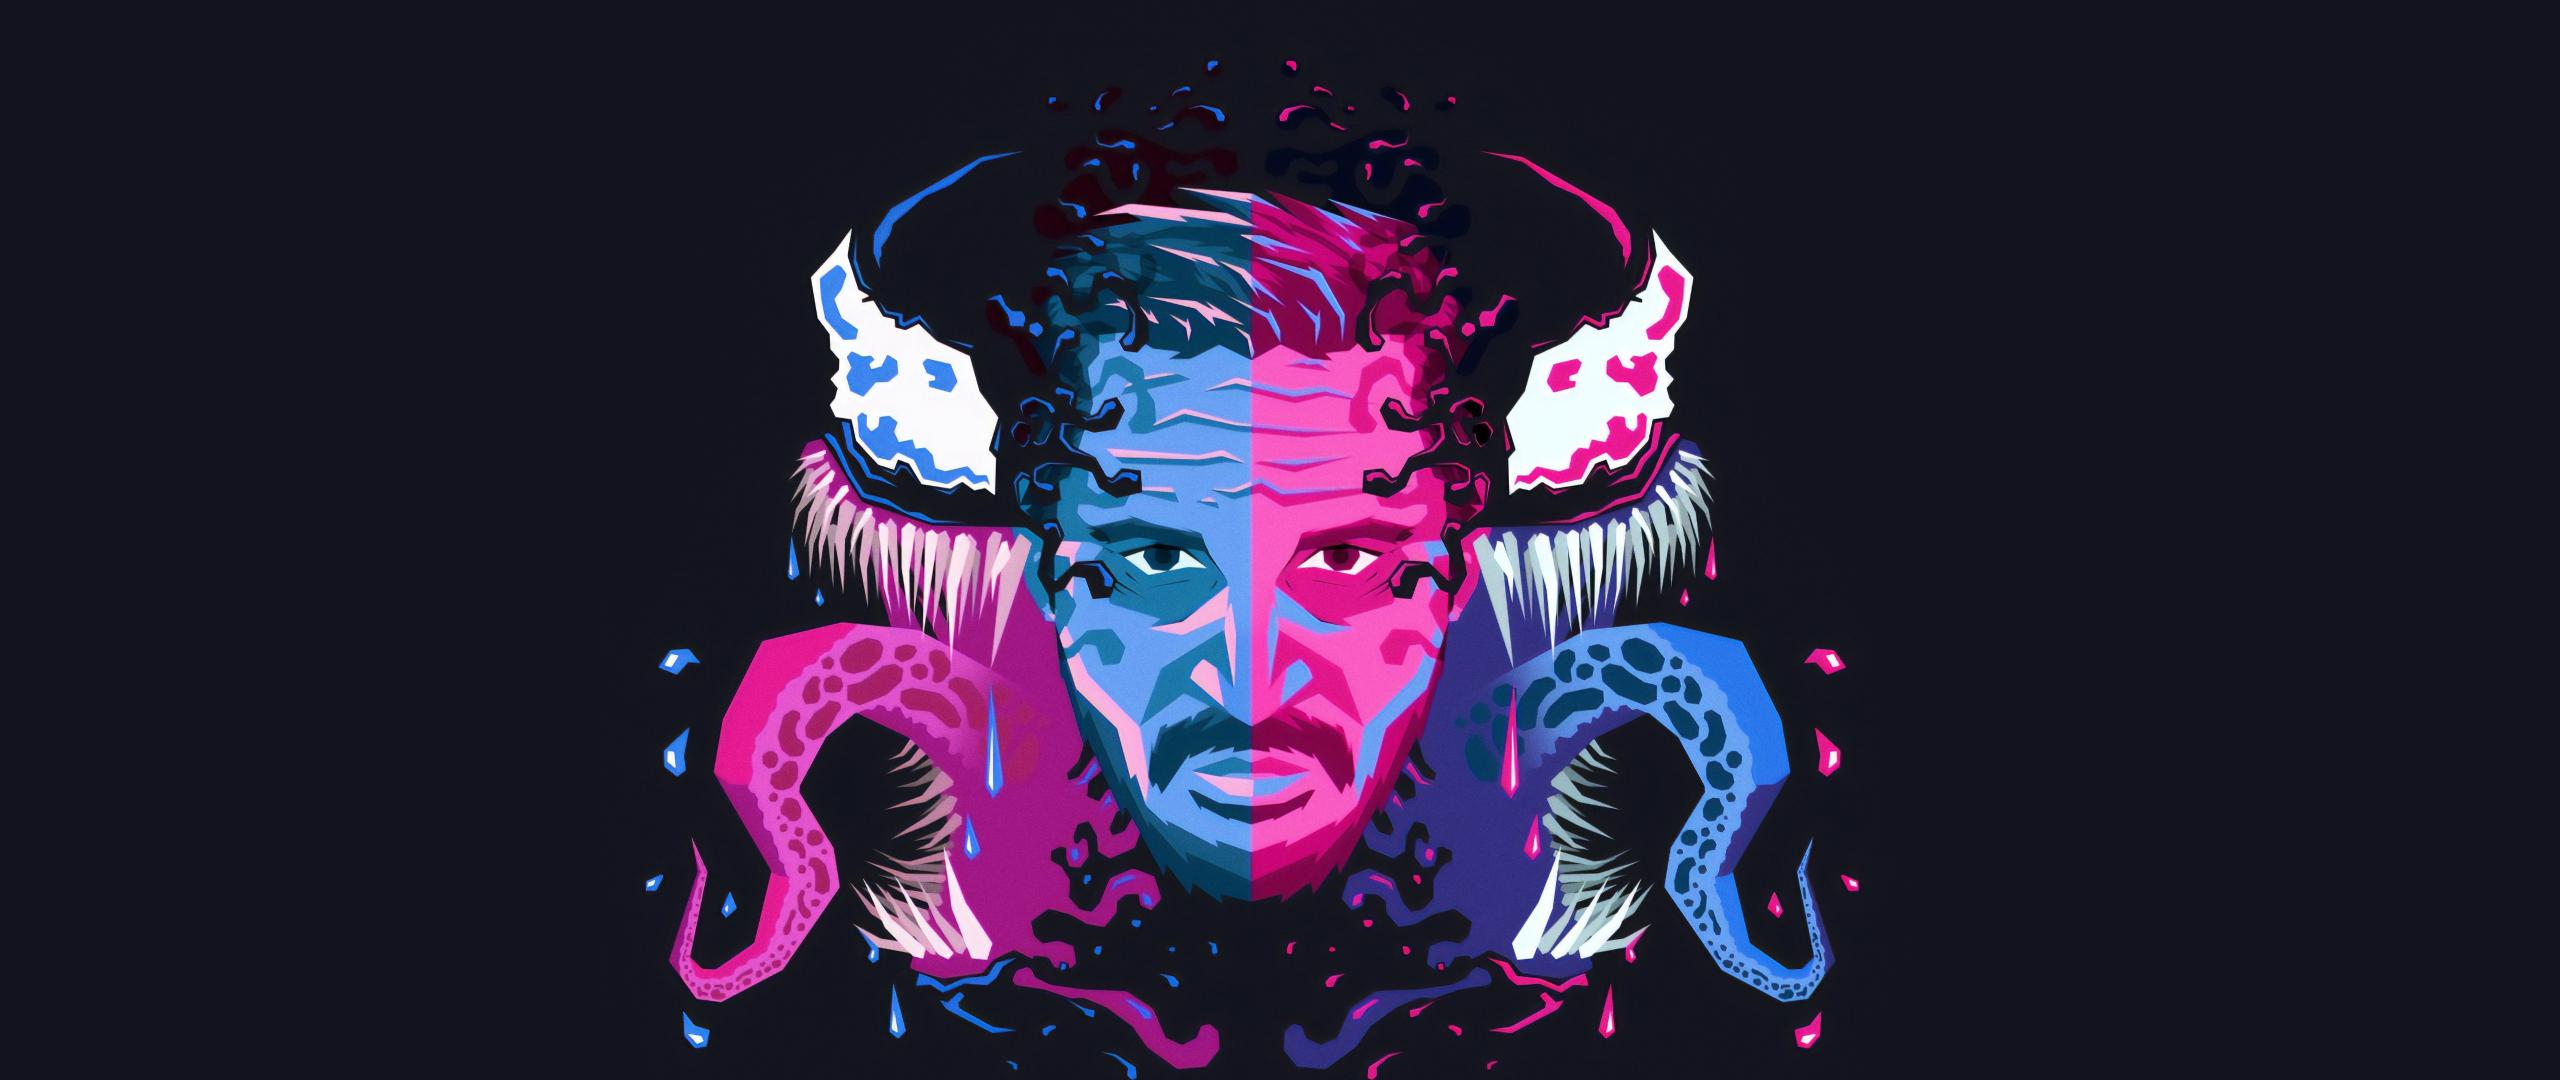 2560x1080 Venom Movie Tom Hardy Illustration 2560x1080